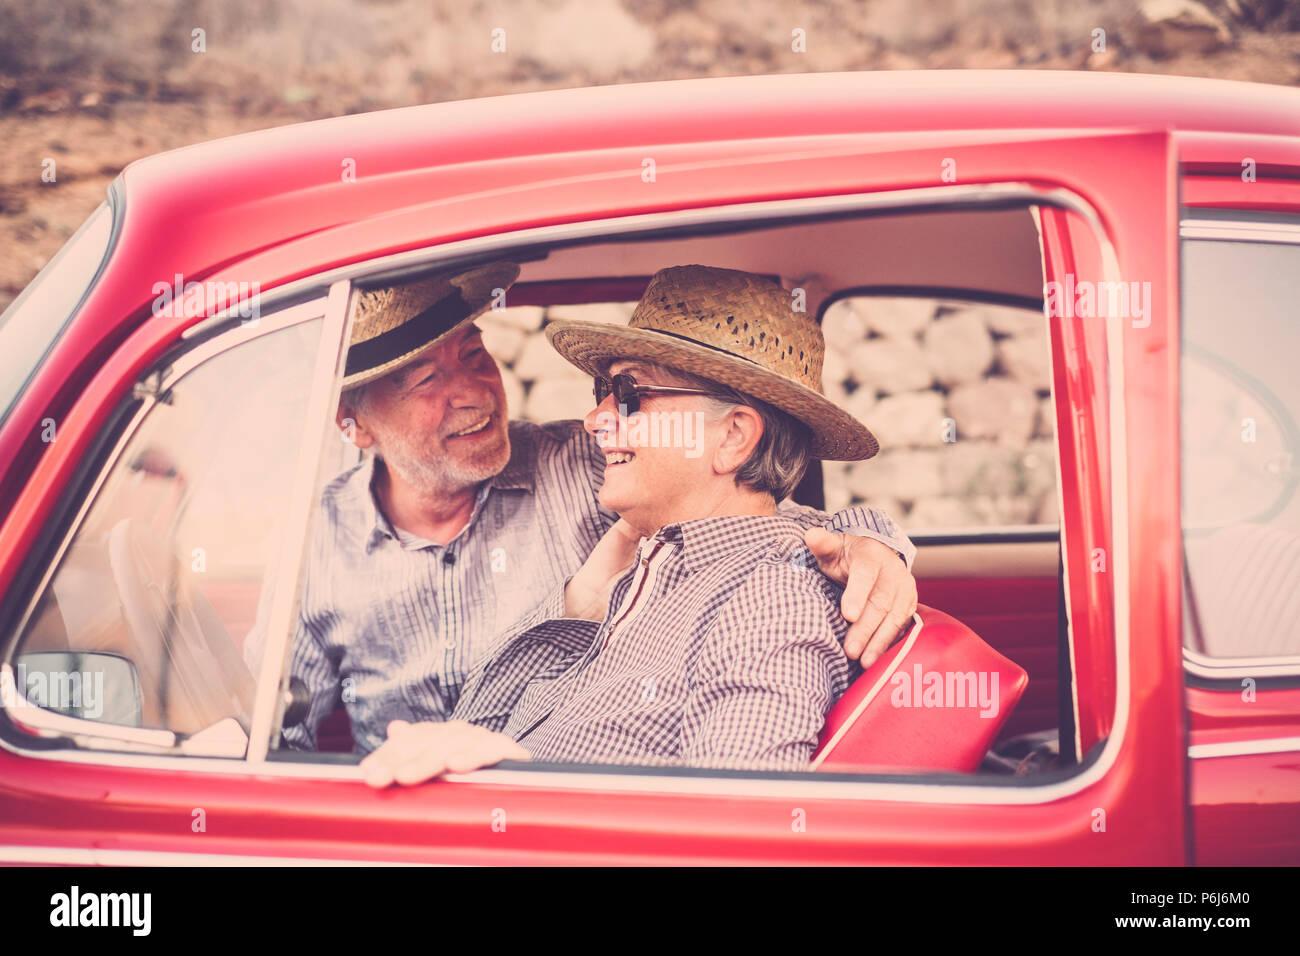 Bonito Hermoso par de altos personas adultas dentro de un viejo coche vintage rojo disfrutar y permanecer juntos en viajes al aire libre actividad de ocio. Casado y para Imagen De Stock